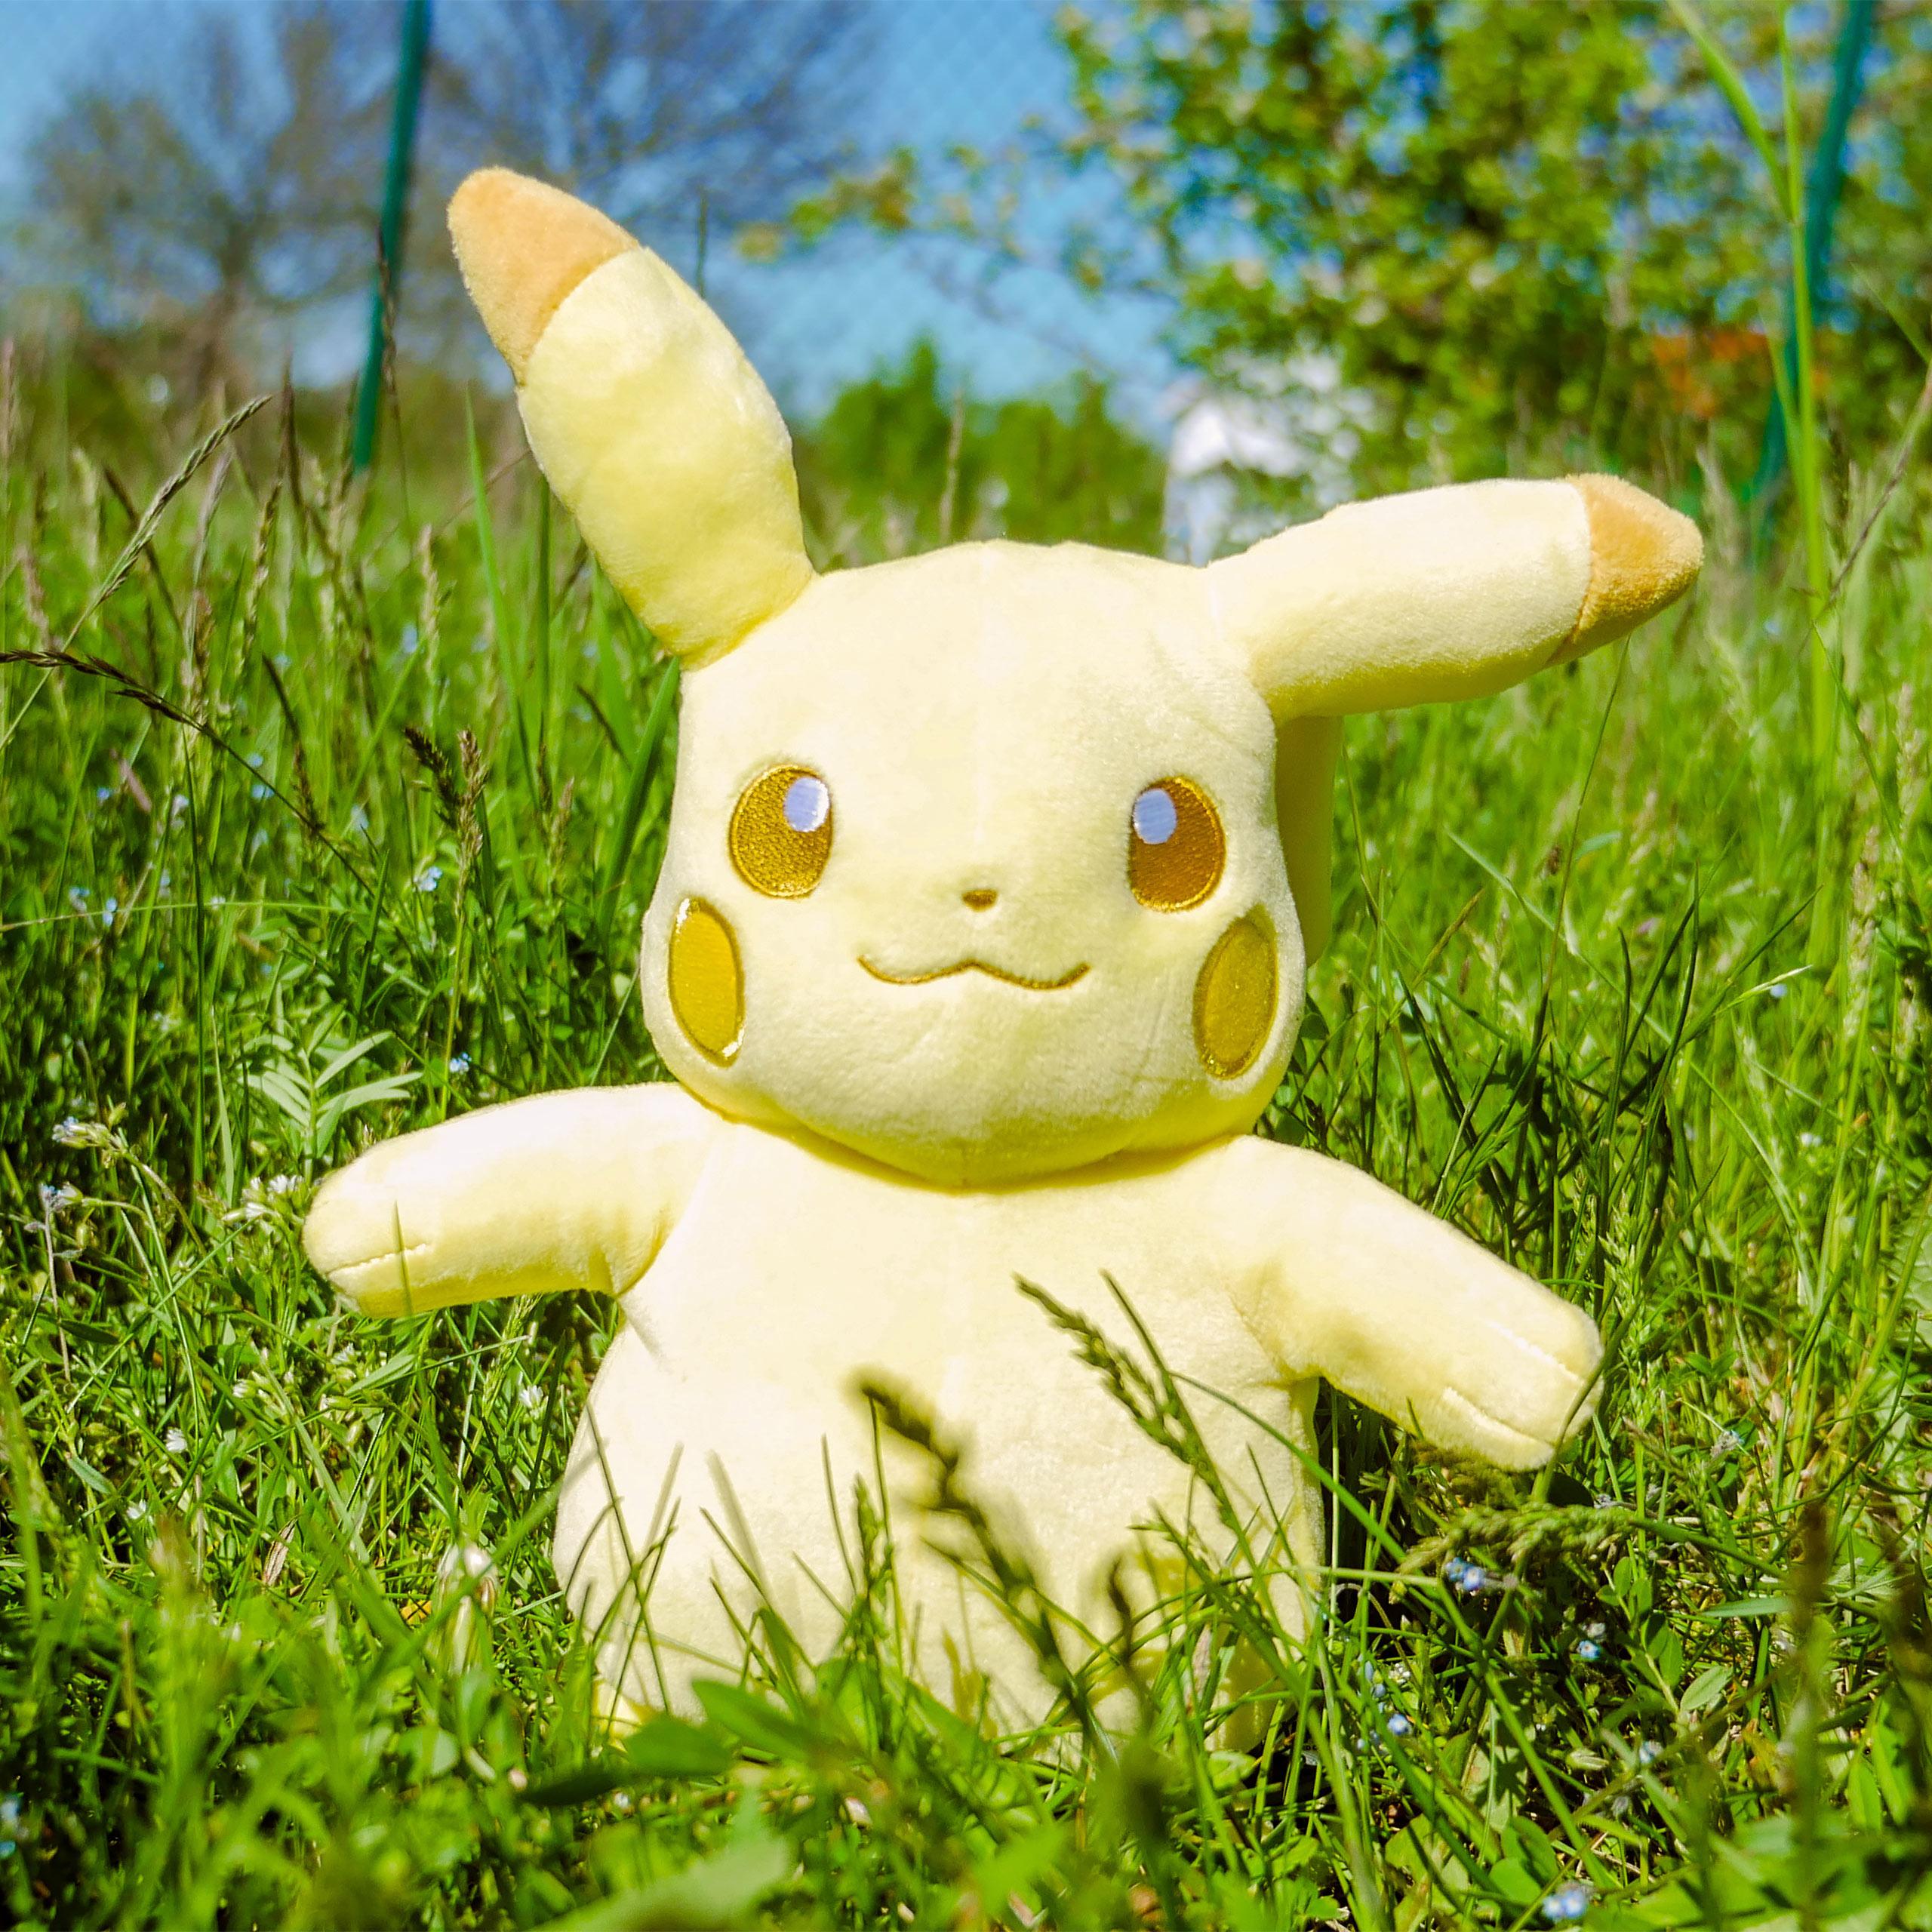 Pokemon - Pikachu Monochrom Plüsch Figur 24 cm